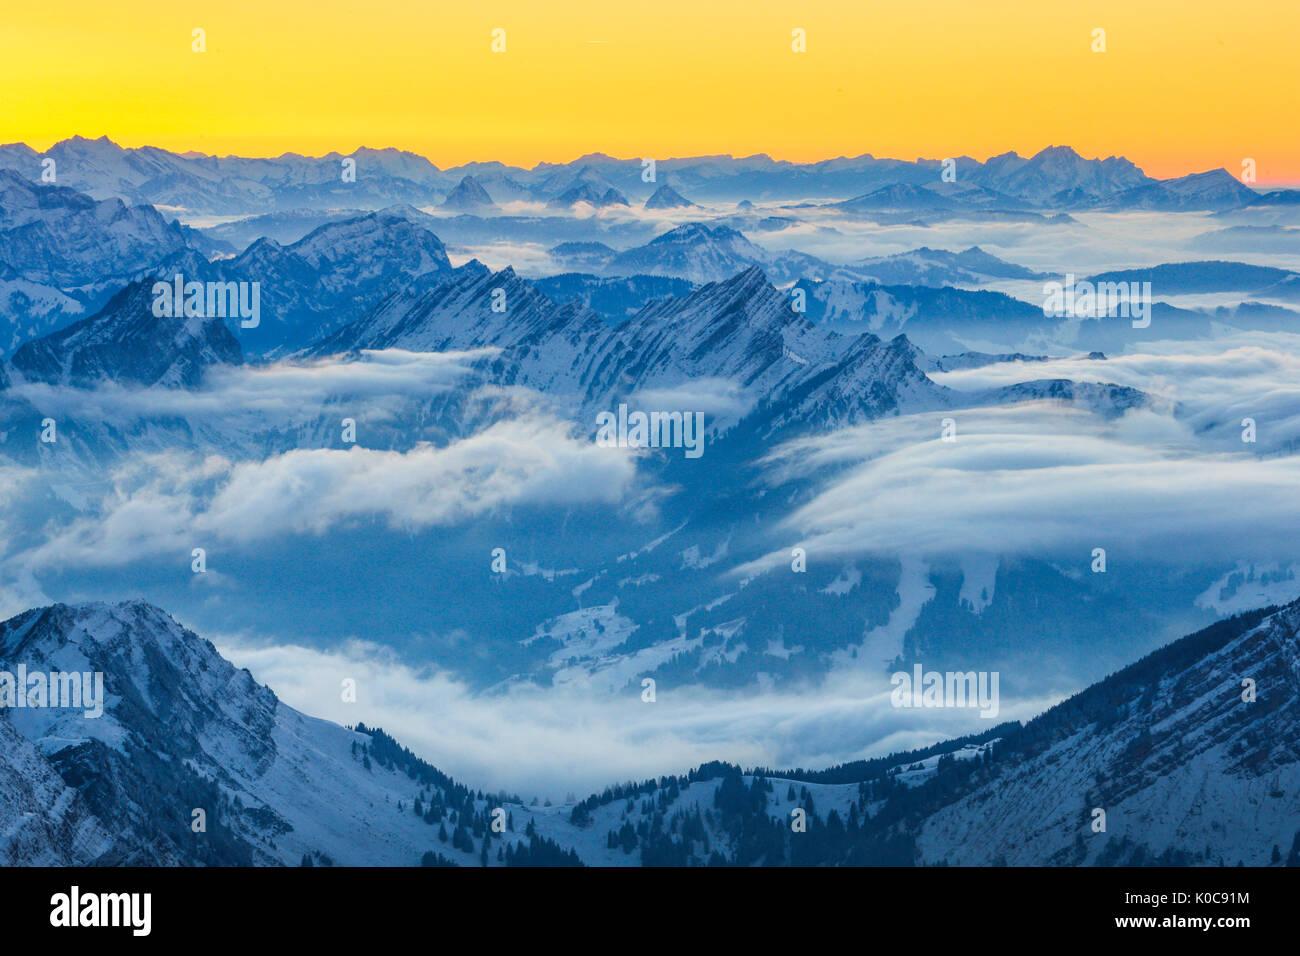 Mattstock und Speer, Schweizer Alpen, Schweiz Stockbild